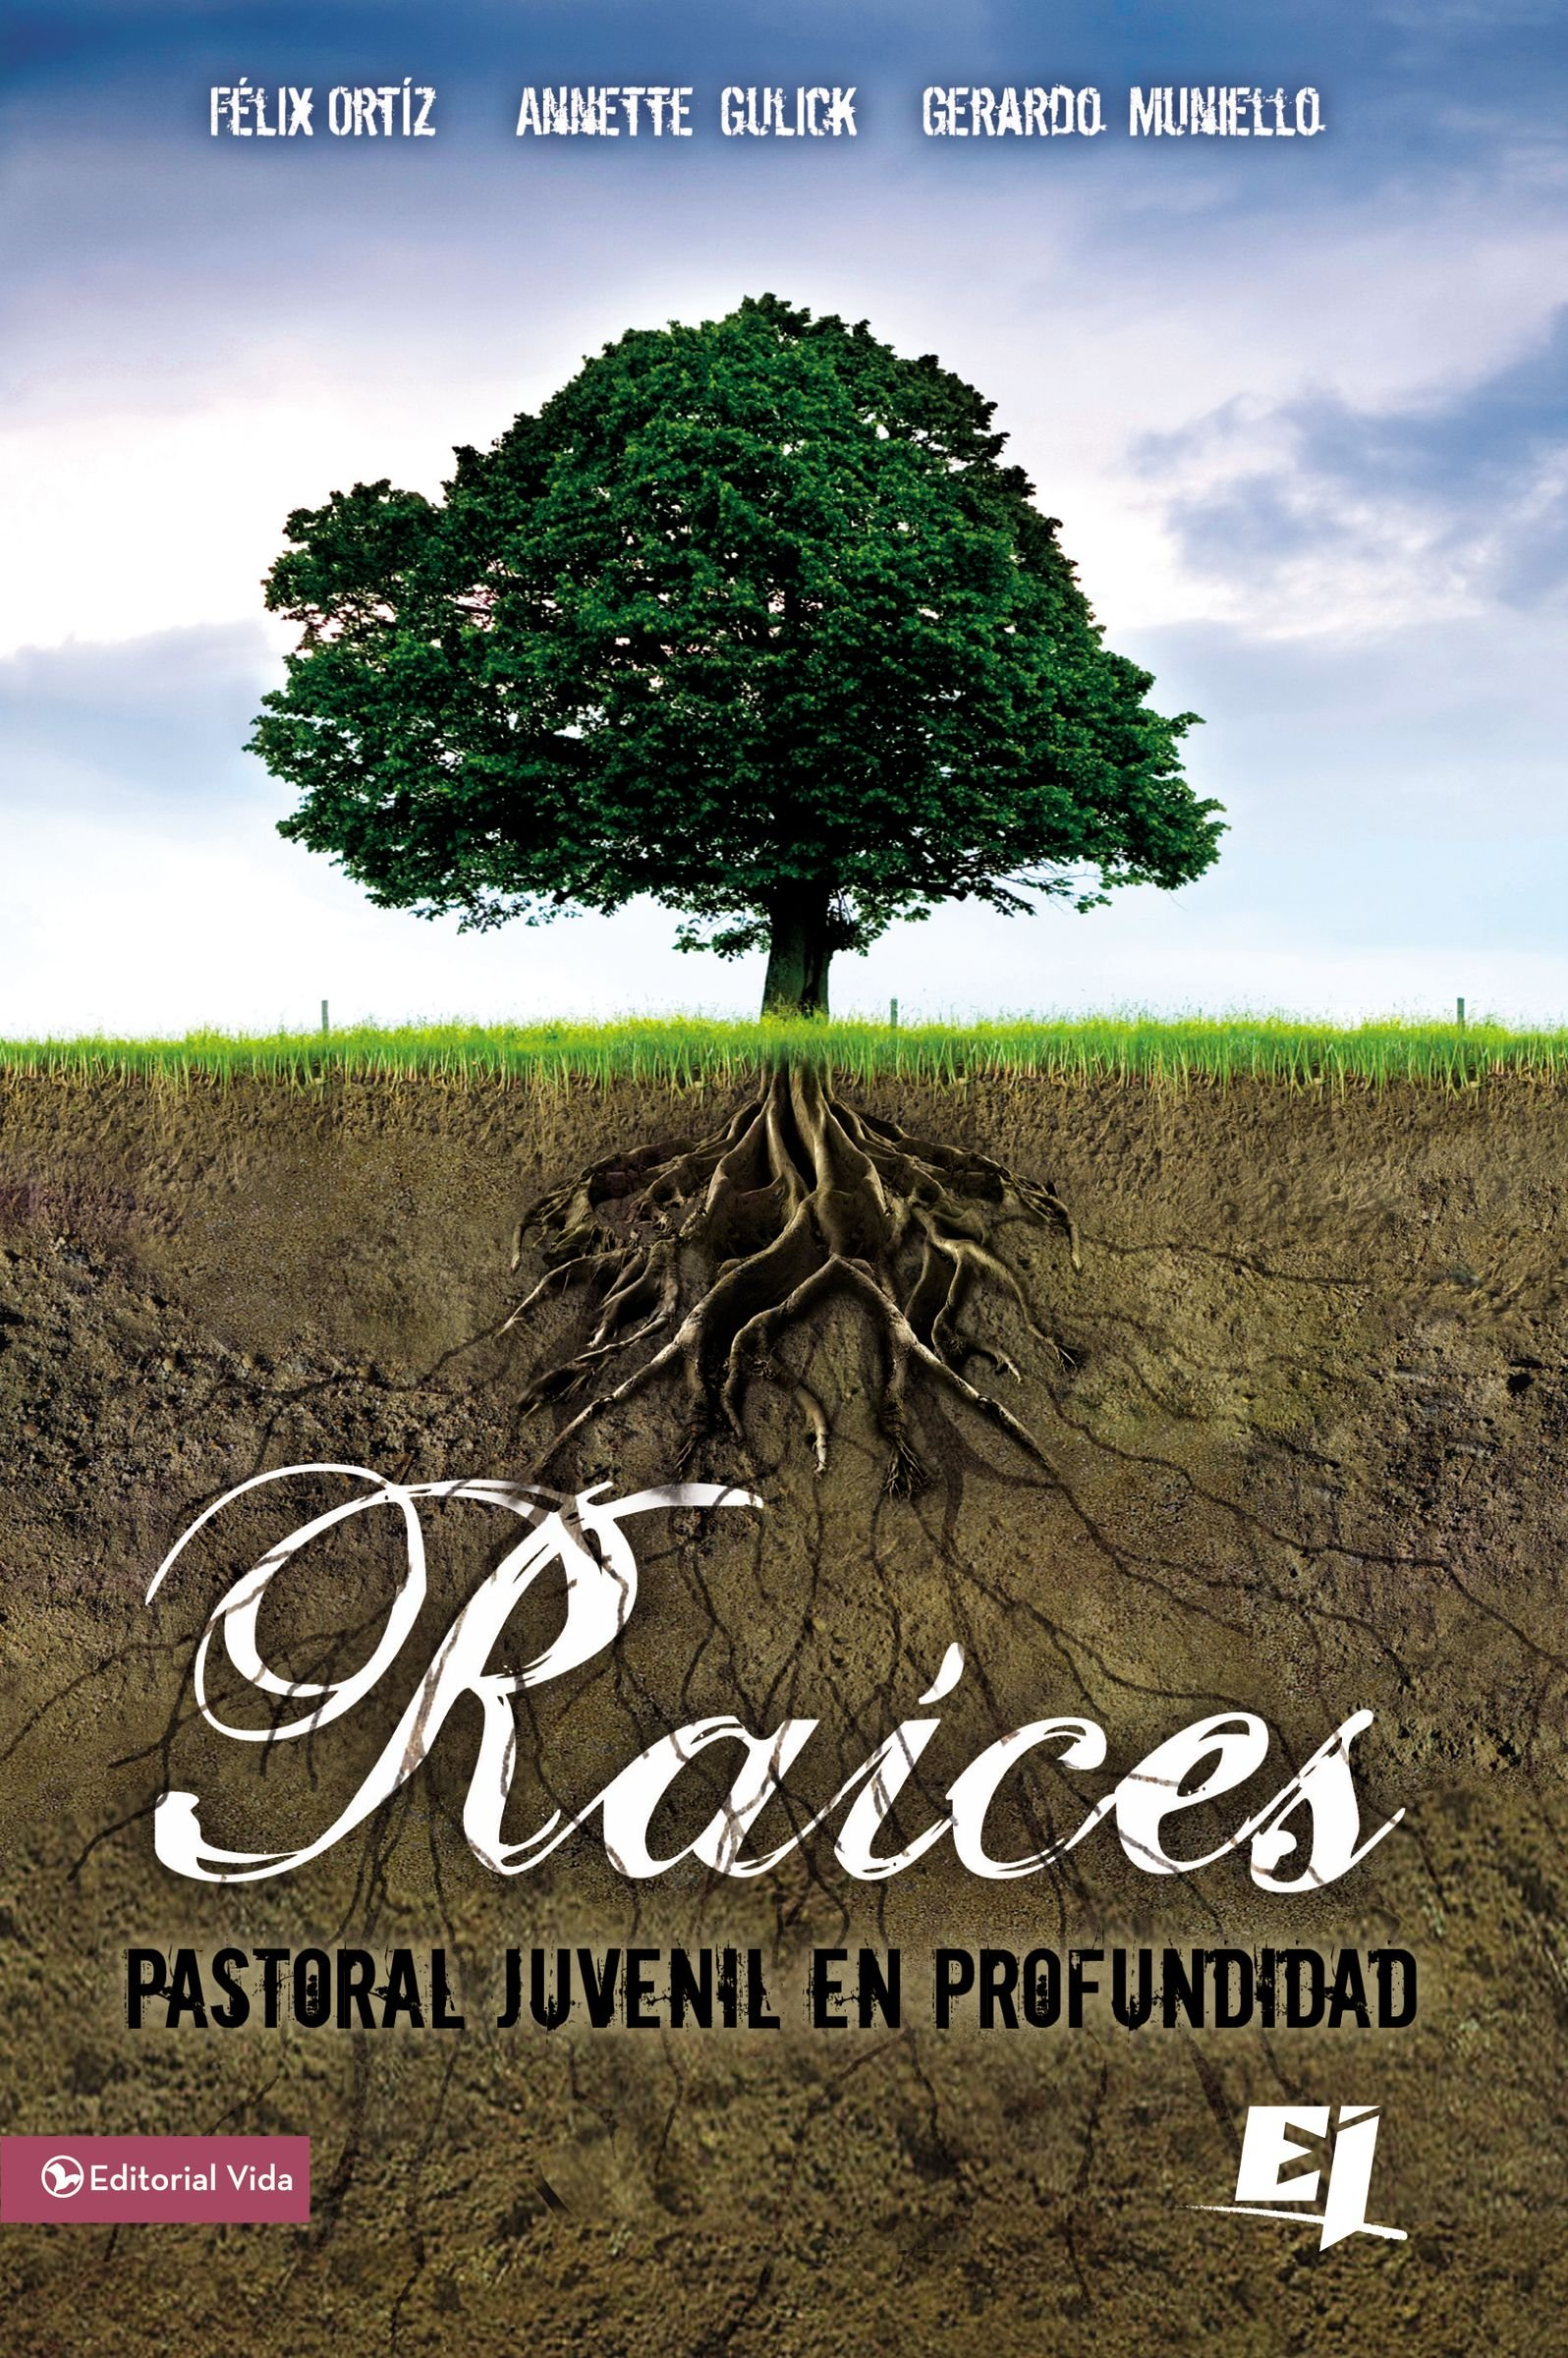 Raices: Pastoral Juvenil en Profundidad Especialidades Juveniles / Lecciones Biblicas Creativas: Amazon.es: Ortiz, Felix, Gulick, Annette, Muniello, Gerardo: Libros